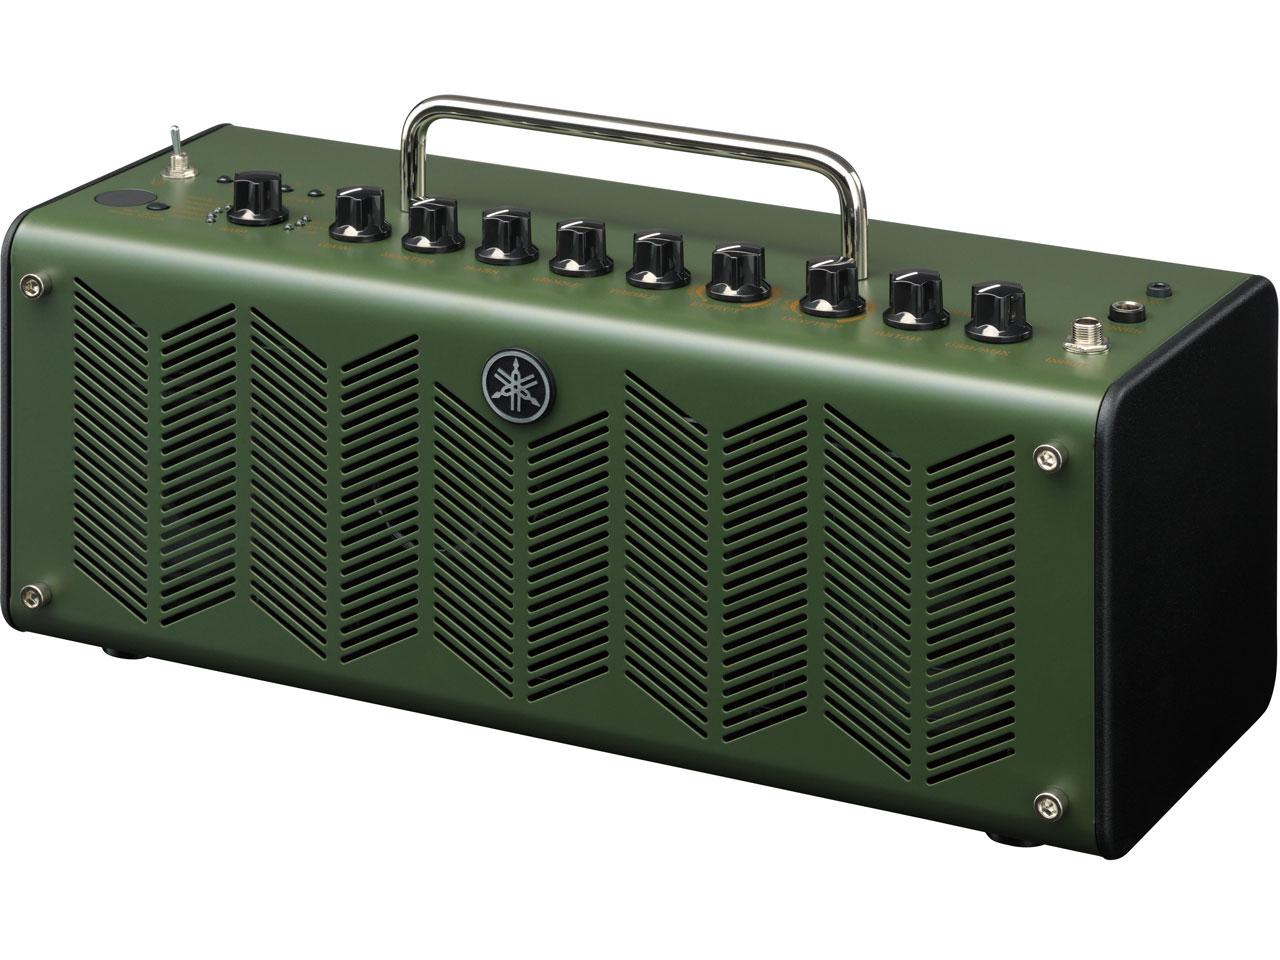 YAMAHA ヤマハ THR10X ギターアンプ デジタルエフェクト内蔵 アンプモデリング VCM TRH10 Extreme High-Gain ハードロック ヘビーメタル